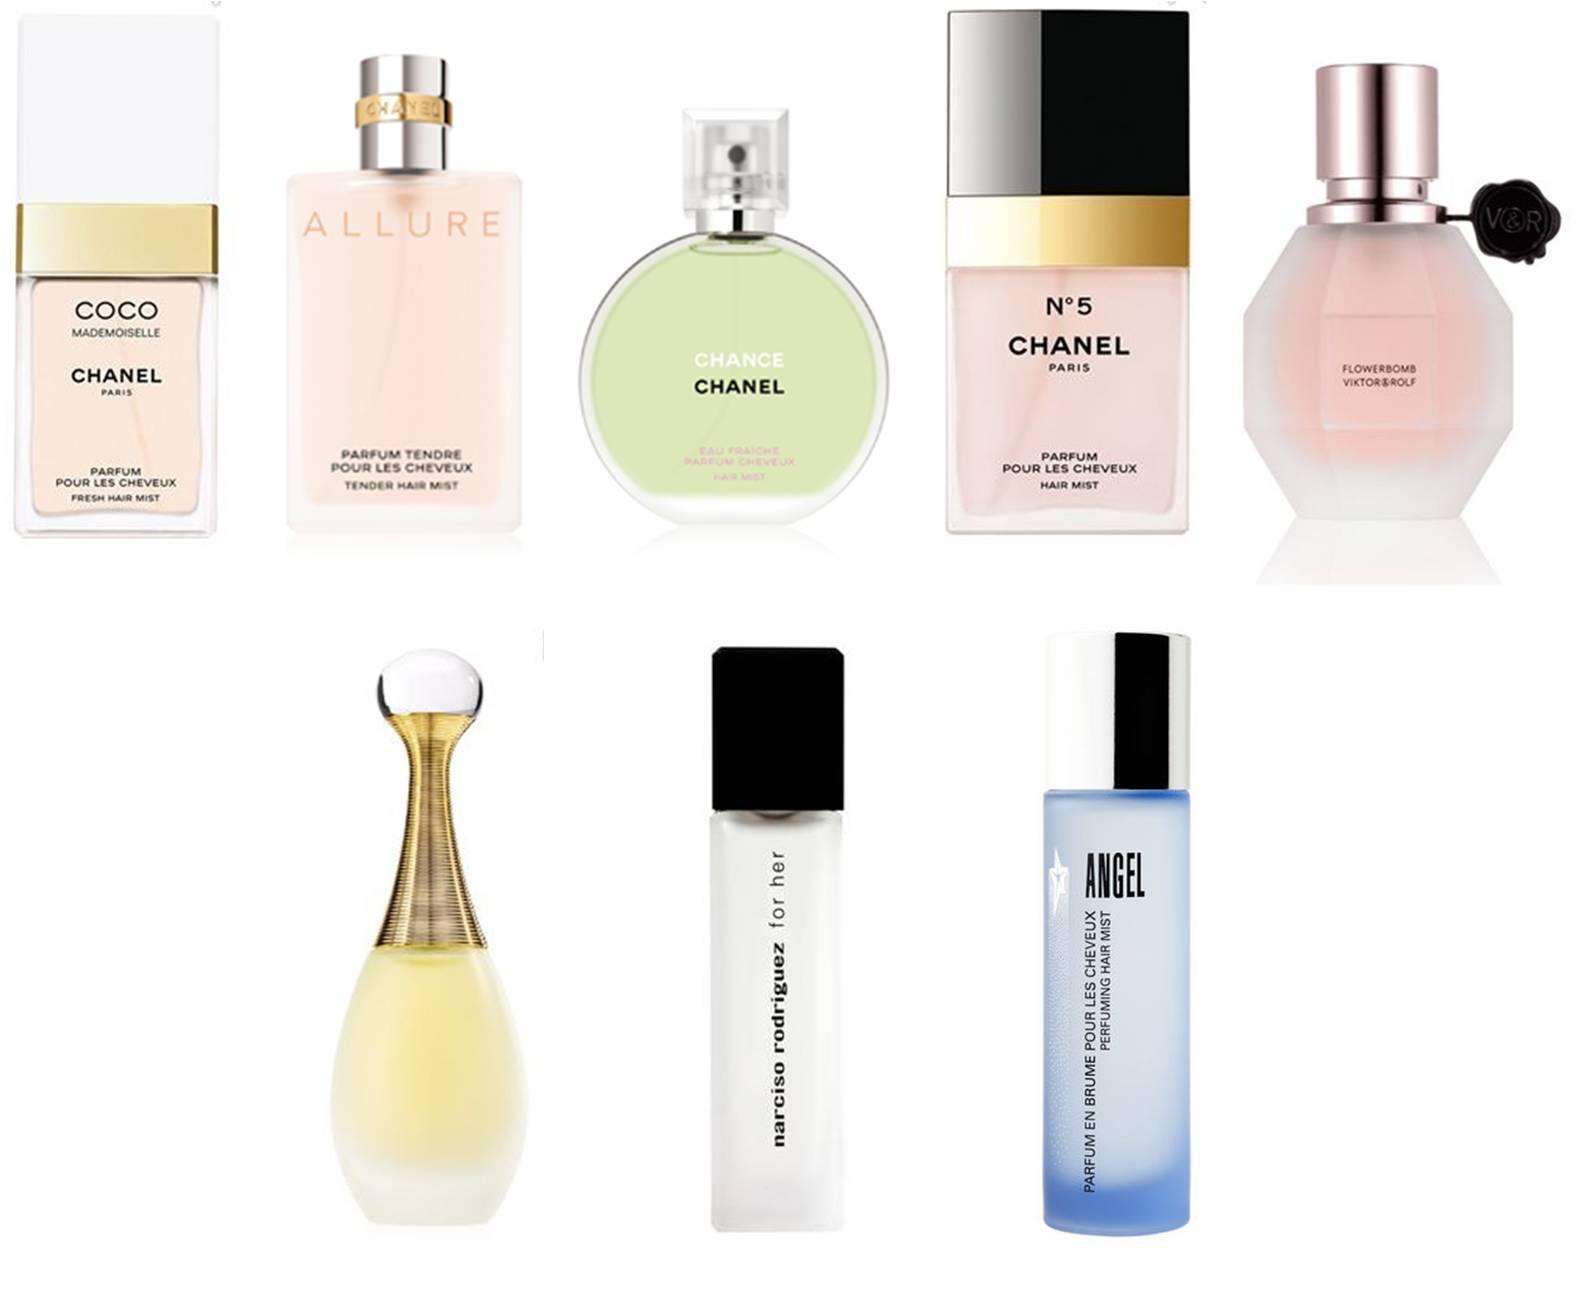 http://3.bp.blogspot.com/-YbpPIKXVapU/TwWmdRGgACI/AAAAAAAAAdE/1Ev7WGHmLqQ/s1600/Montage+parfum.jpg